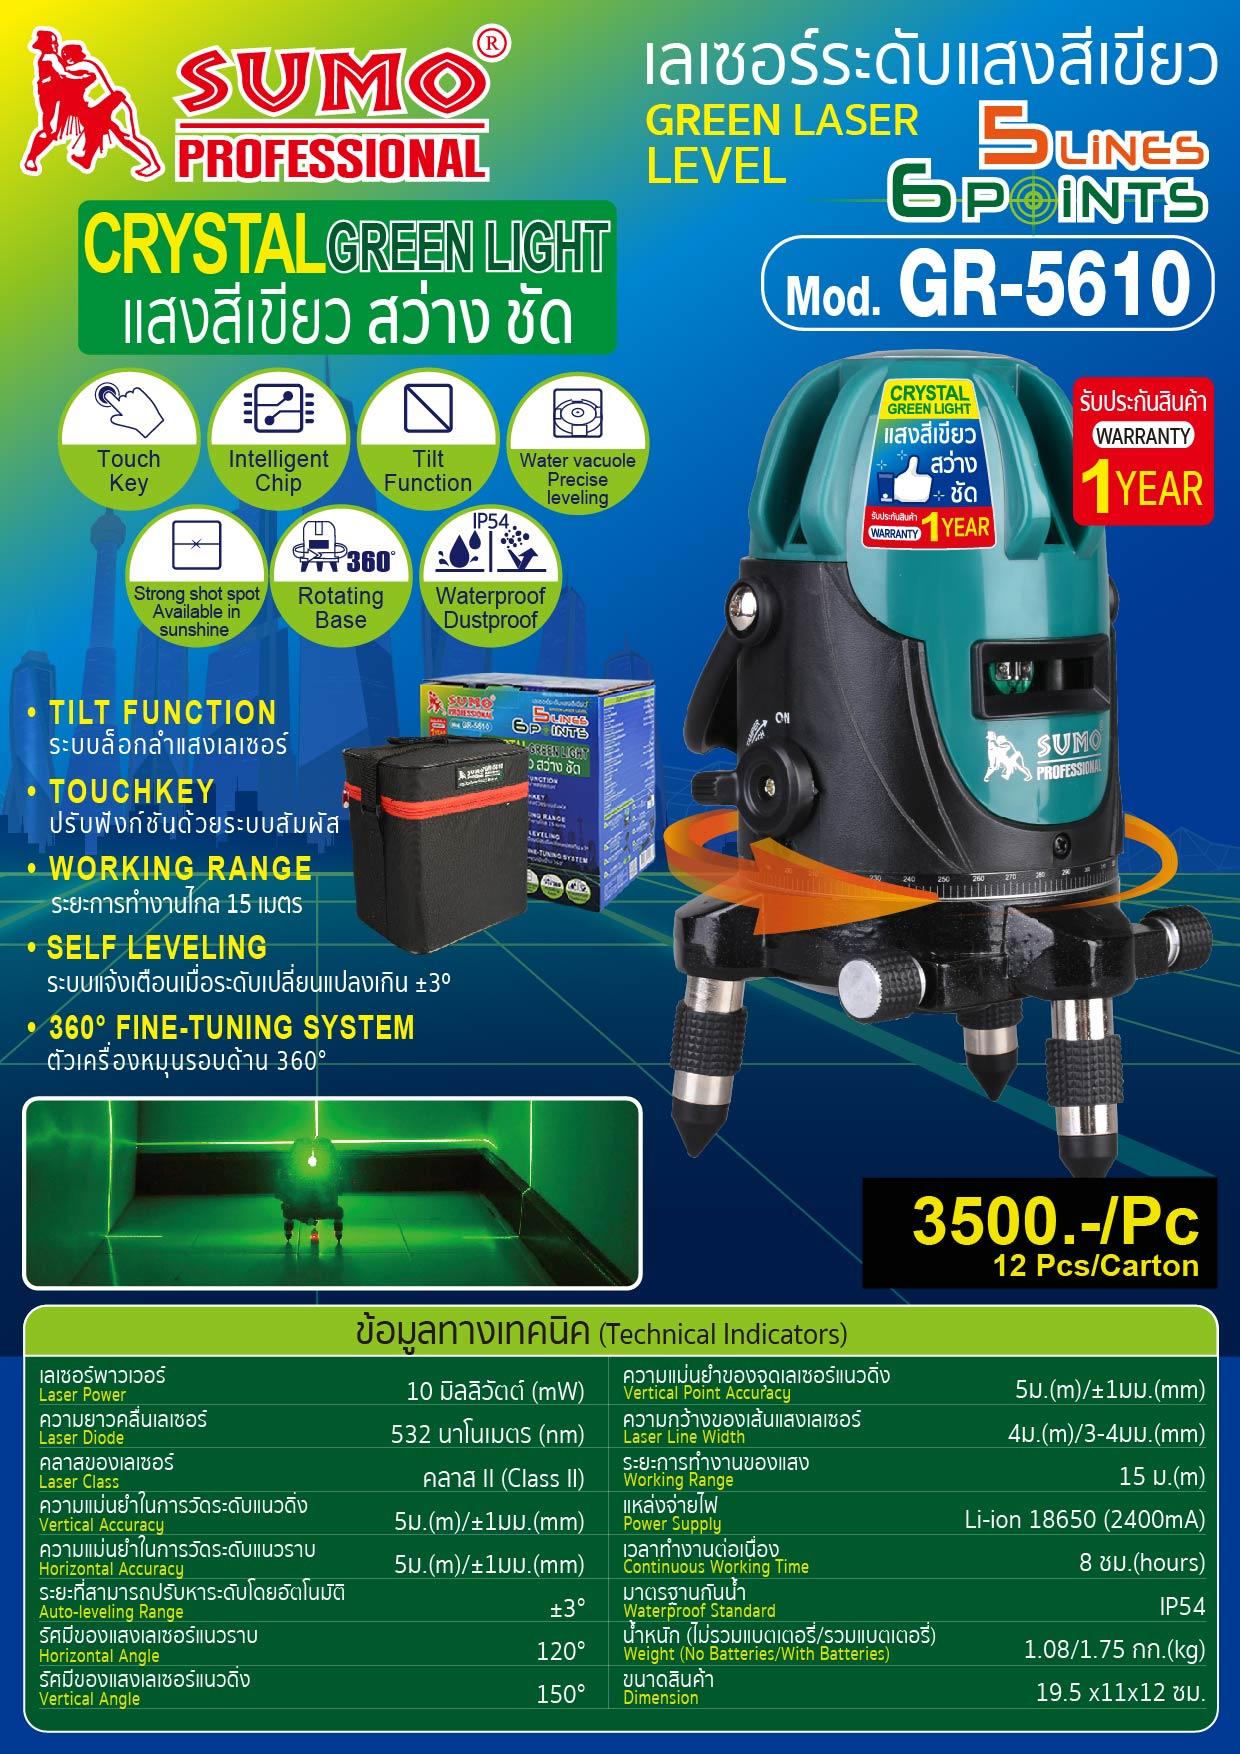 (1/12) เลเซอร์ระดับแสงสีเขียว GR-5610